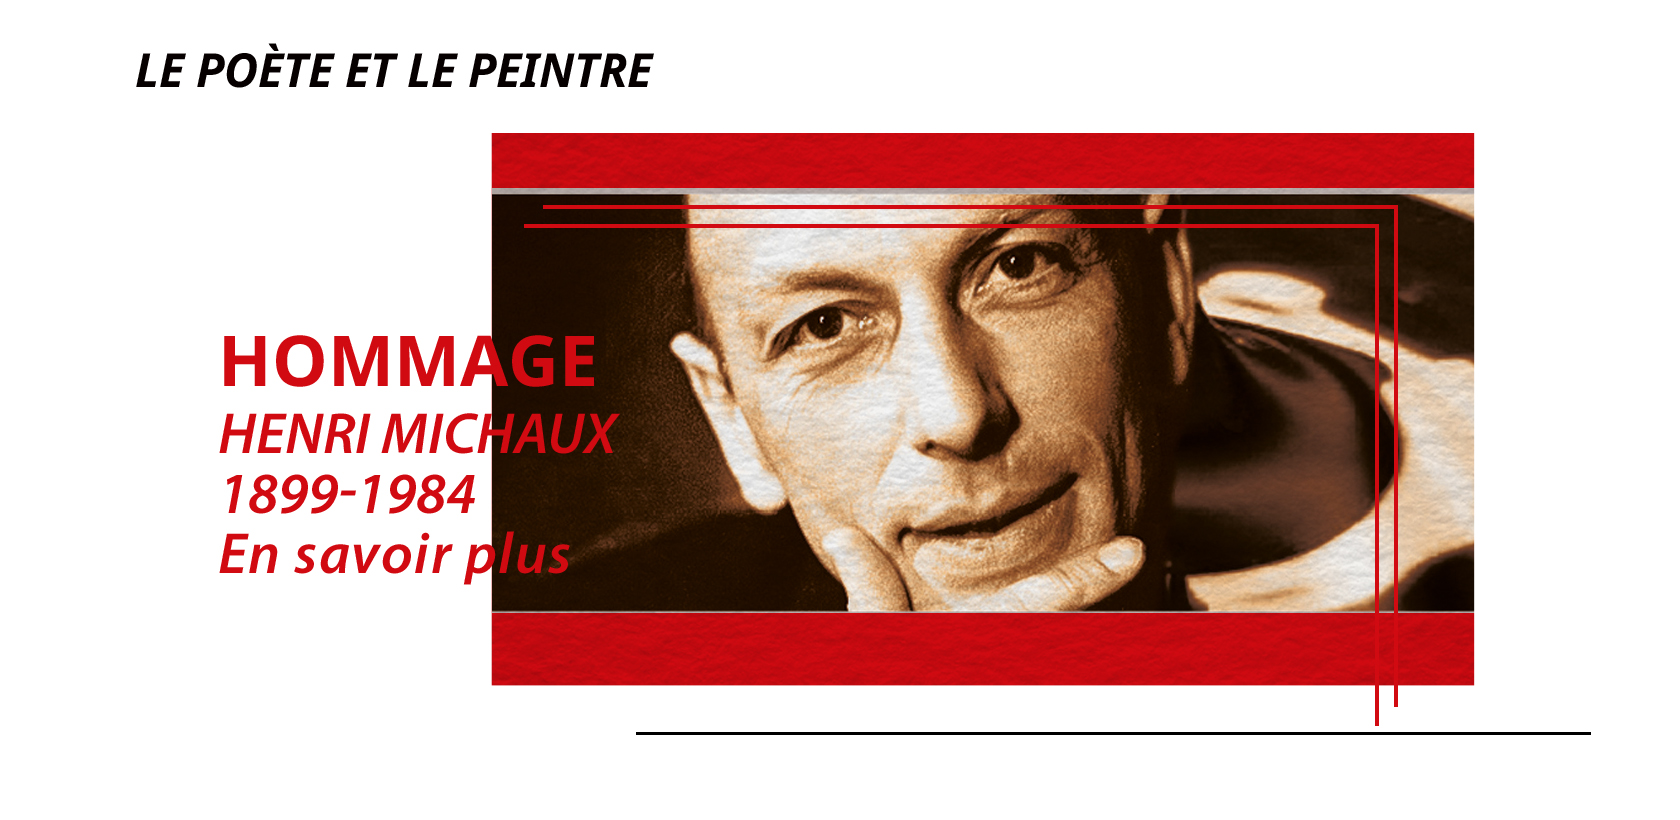 Hommage à Henri Michaux